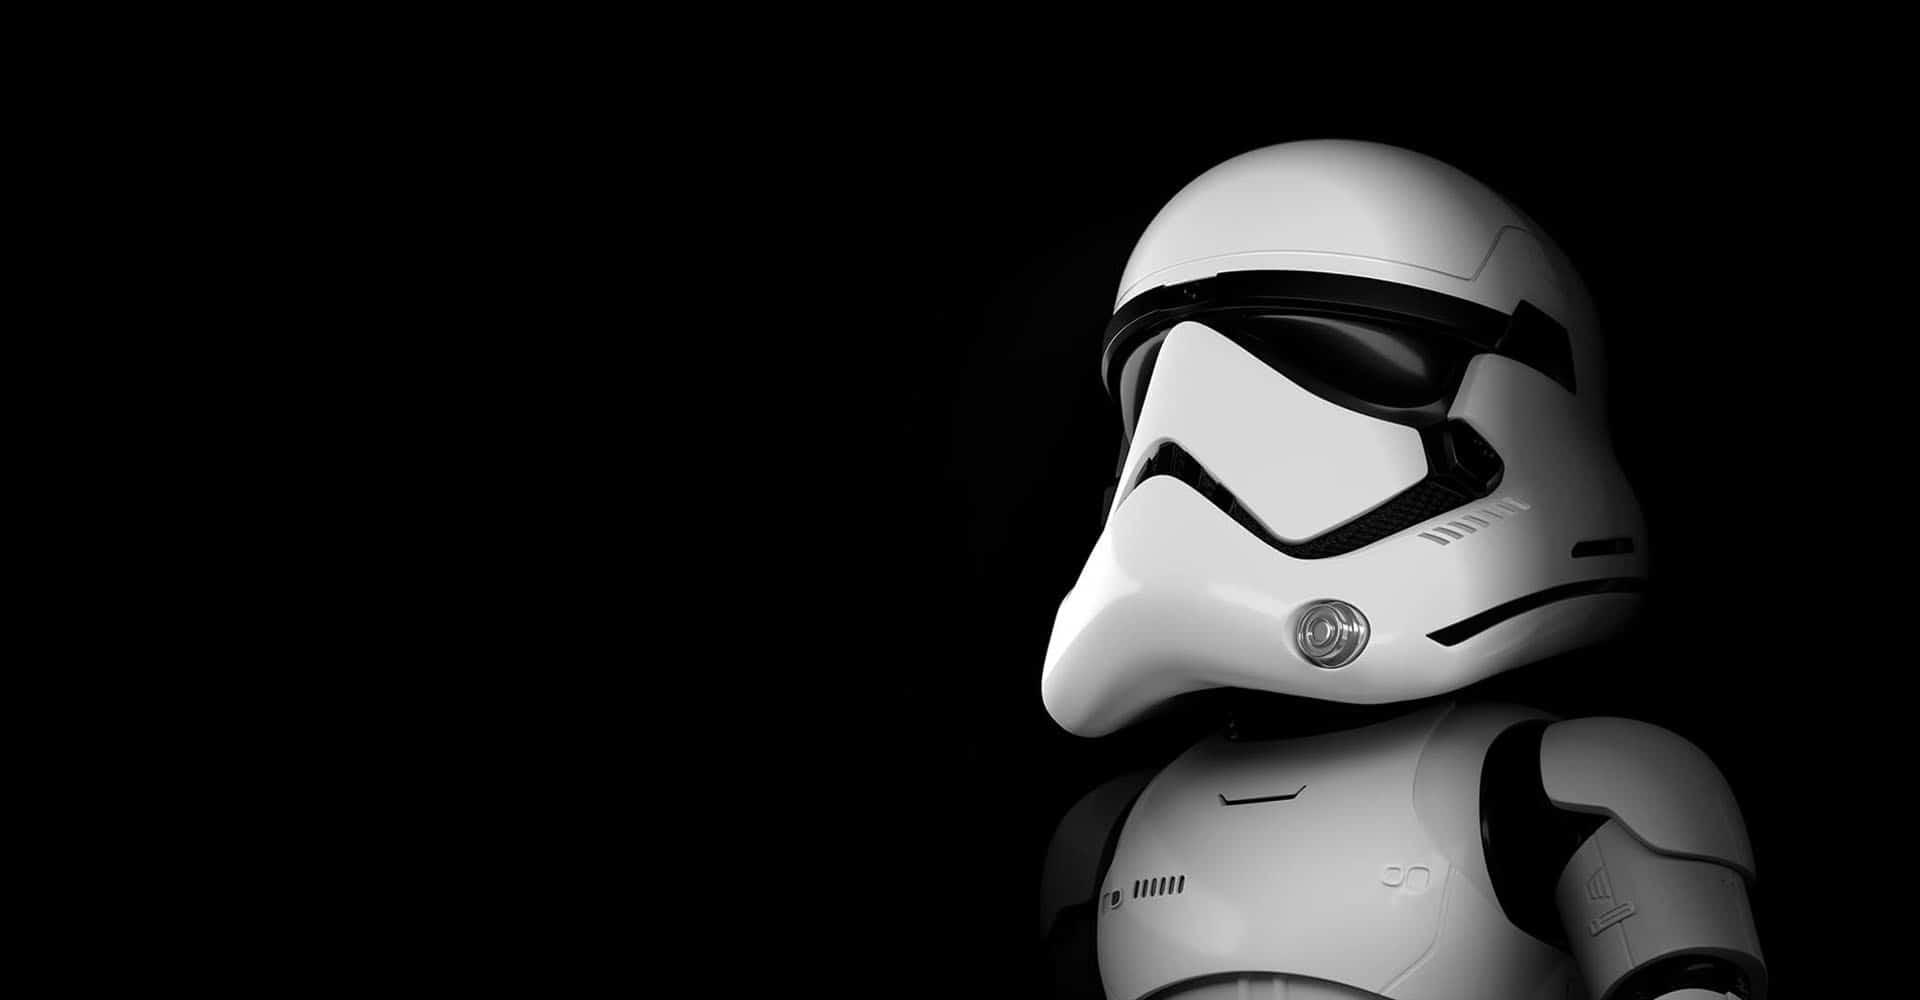 Star Wars: Erschafft euch eine Sturmtruppen-Roboter-Armee!